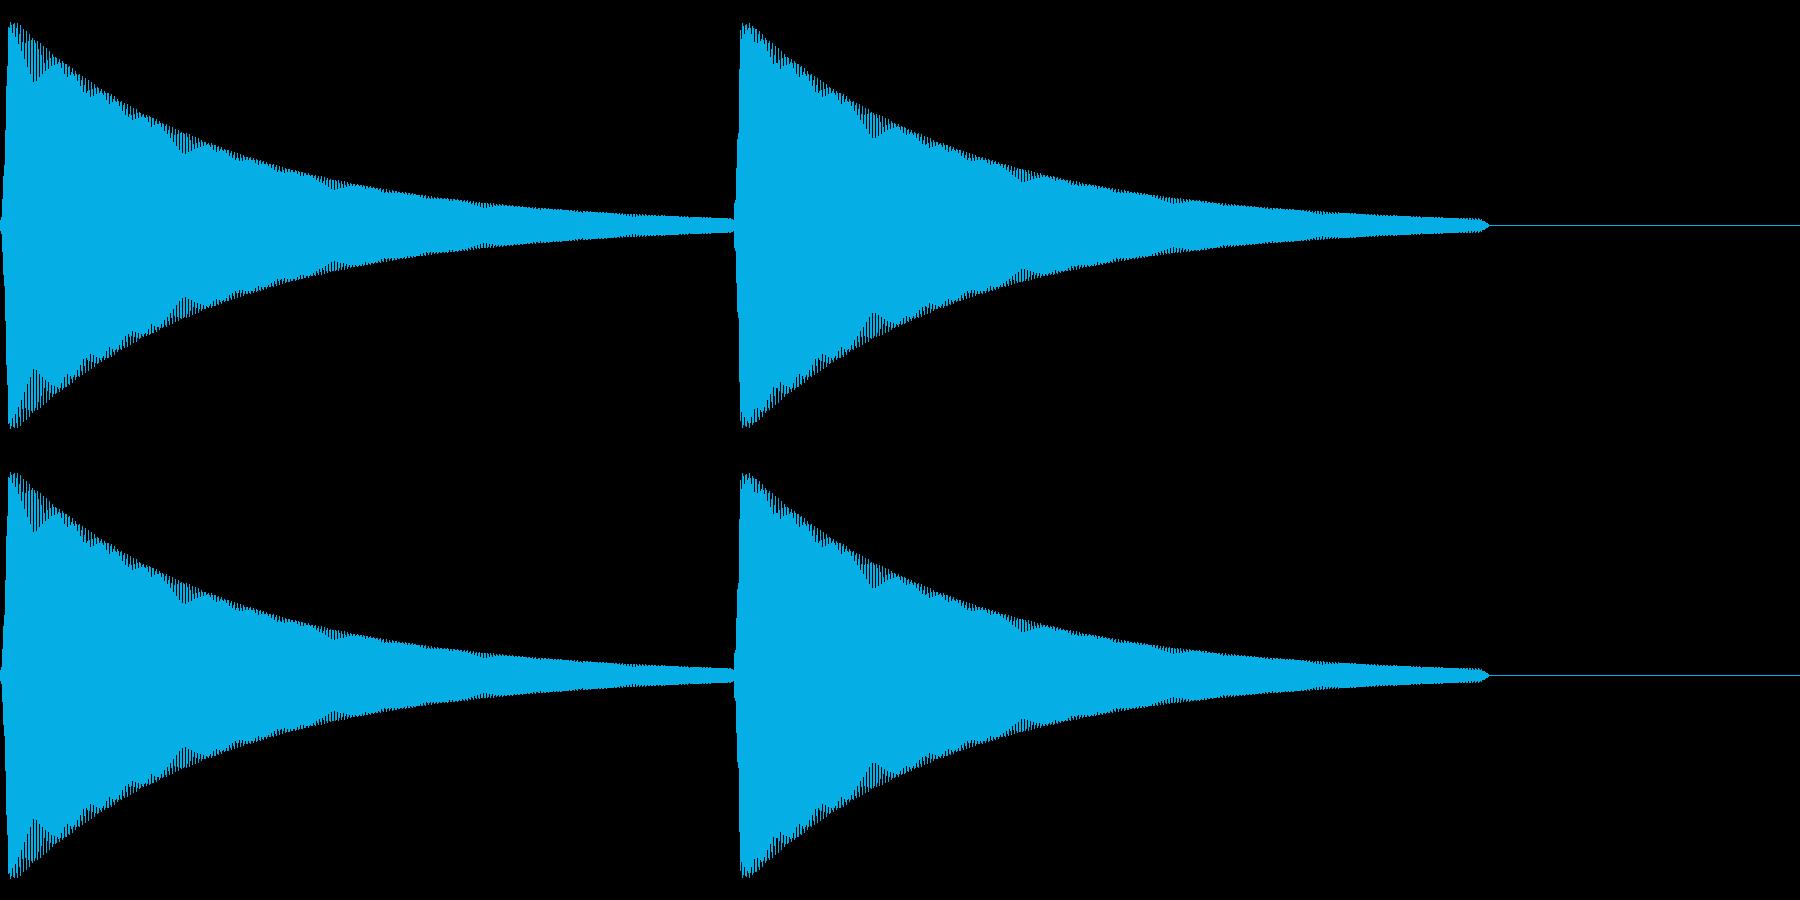 【SE】操作音09(ピピ)の再生済みの波形